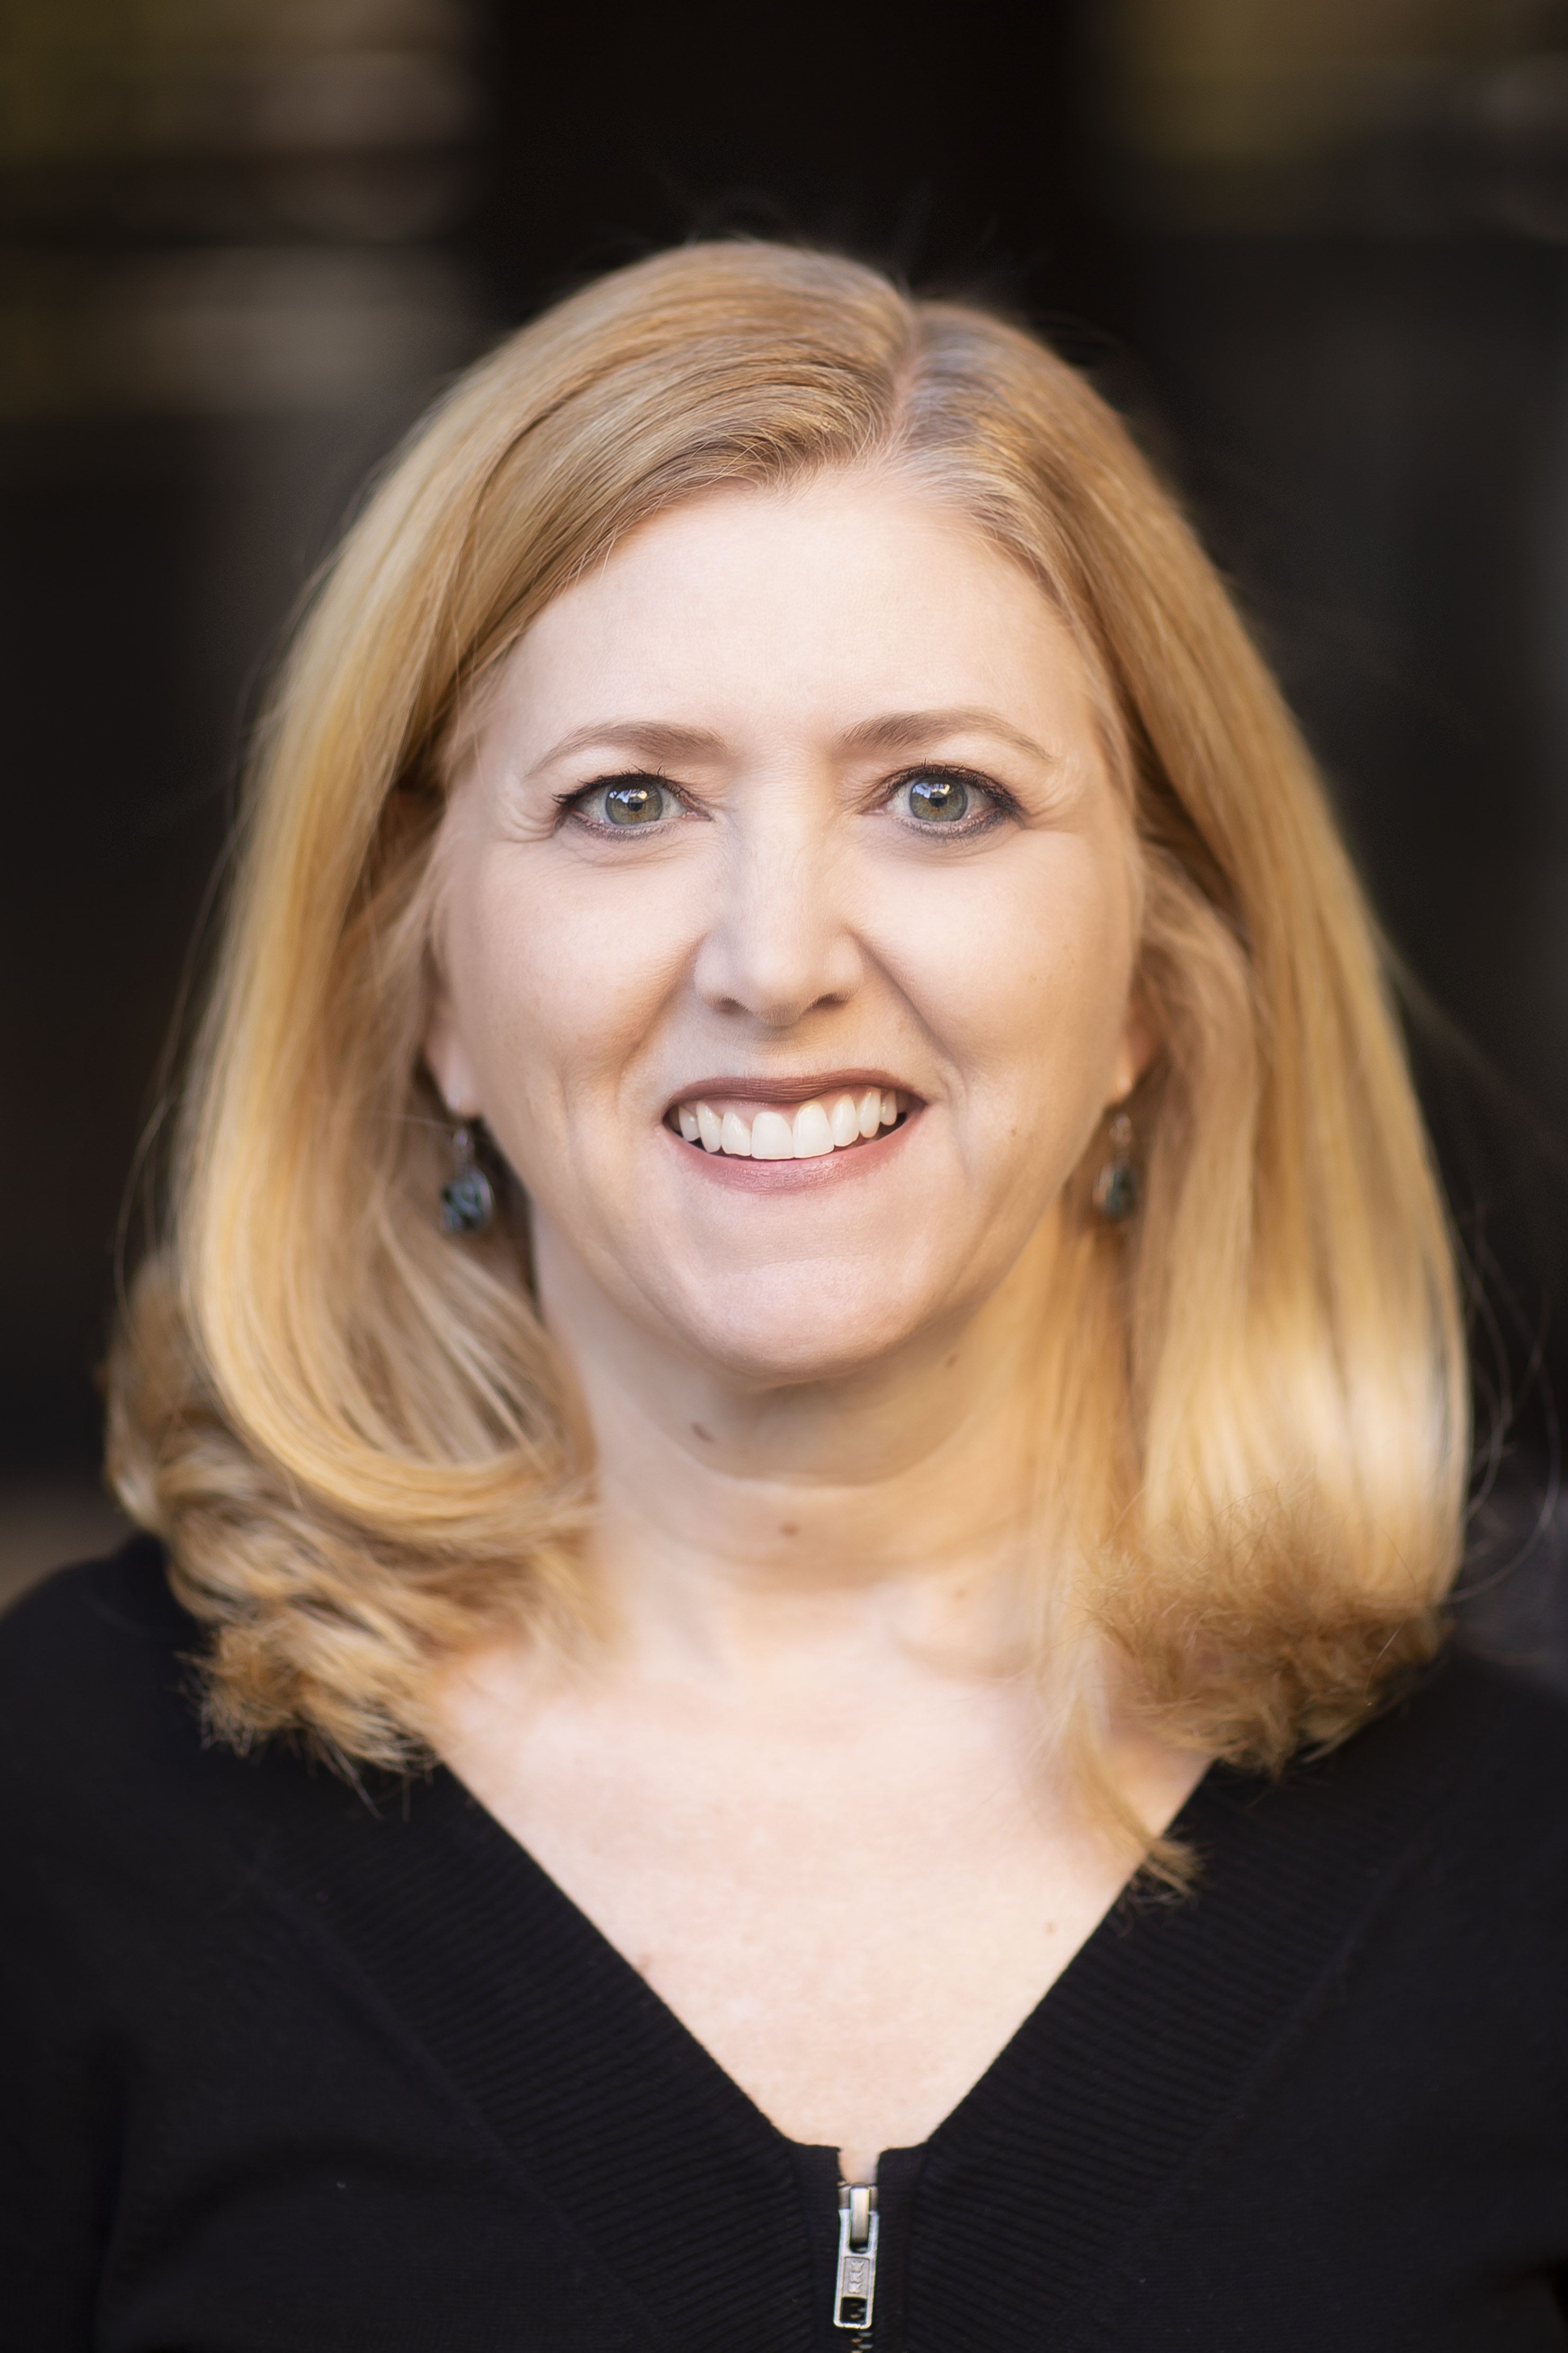 Leslie Brommer